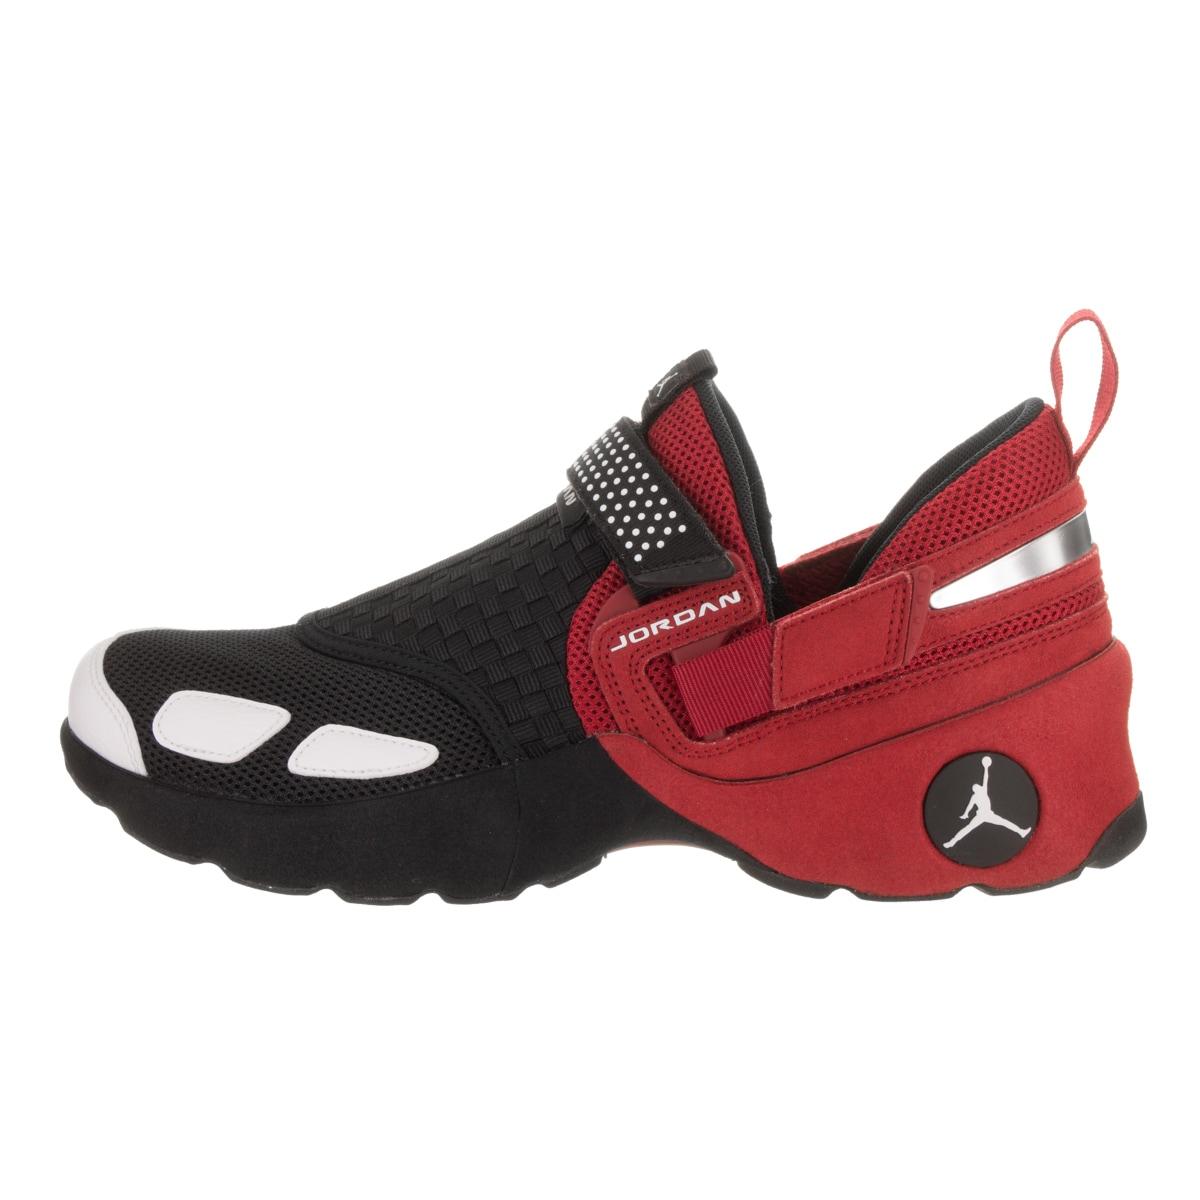 differently 806cd 0d296 Shop Jordan Men s Jordan Trunner LX OG Training Shoe - Free Shipping Today  - Overstock - 15858250